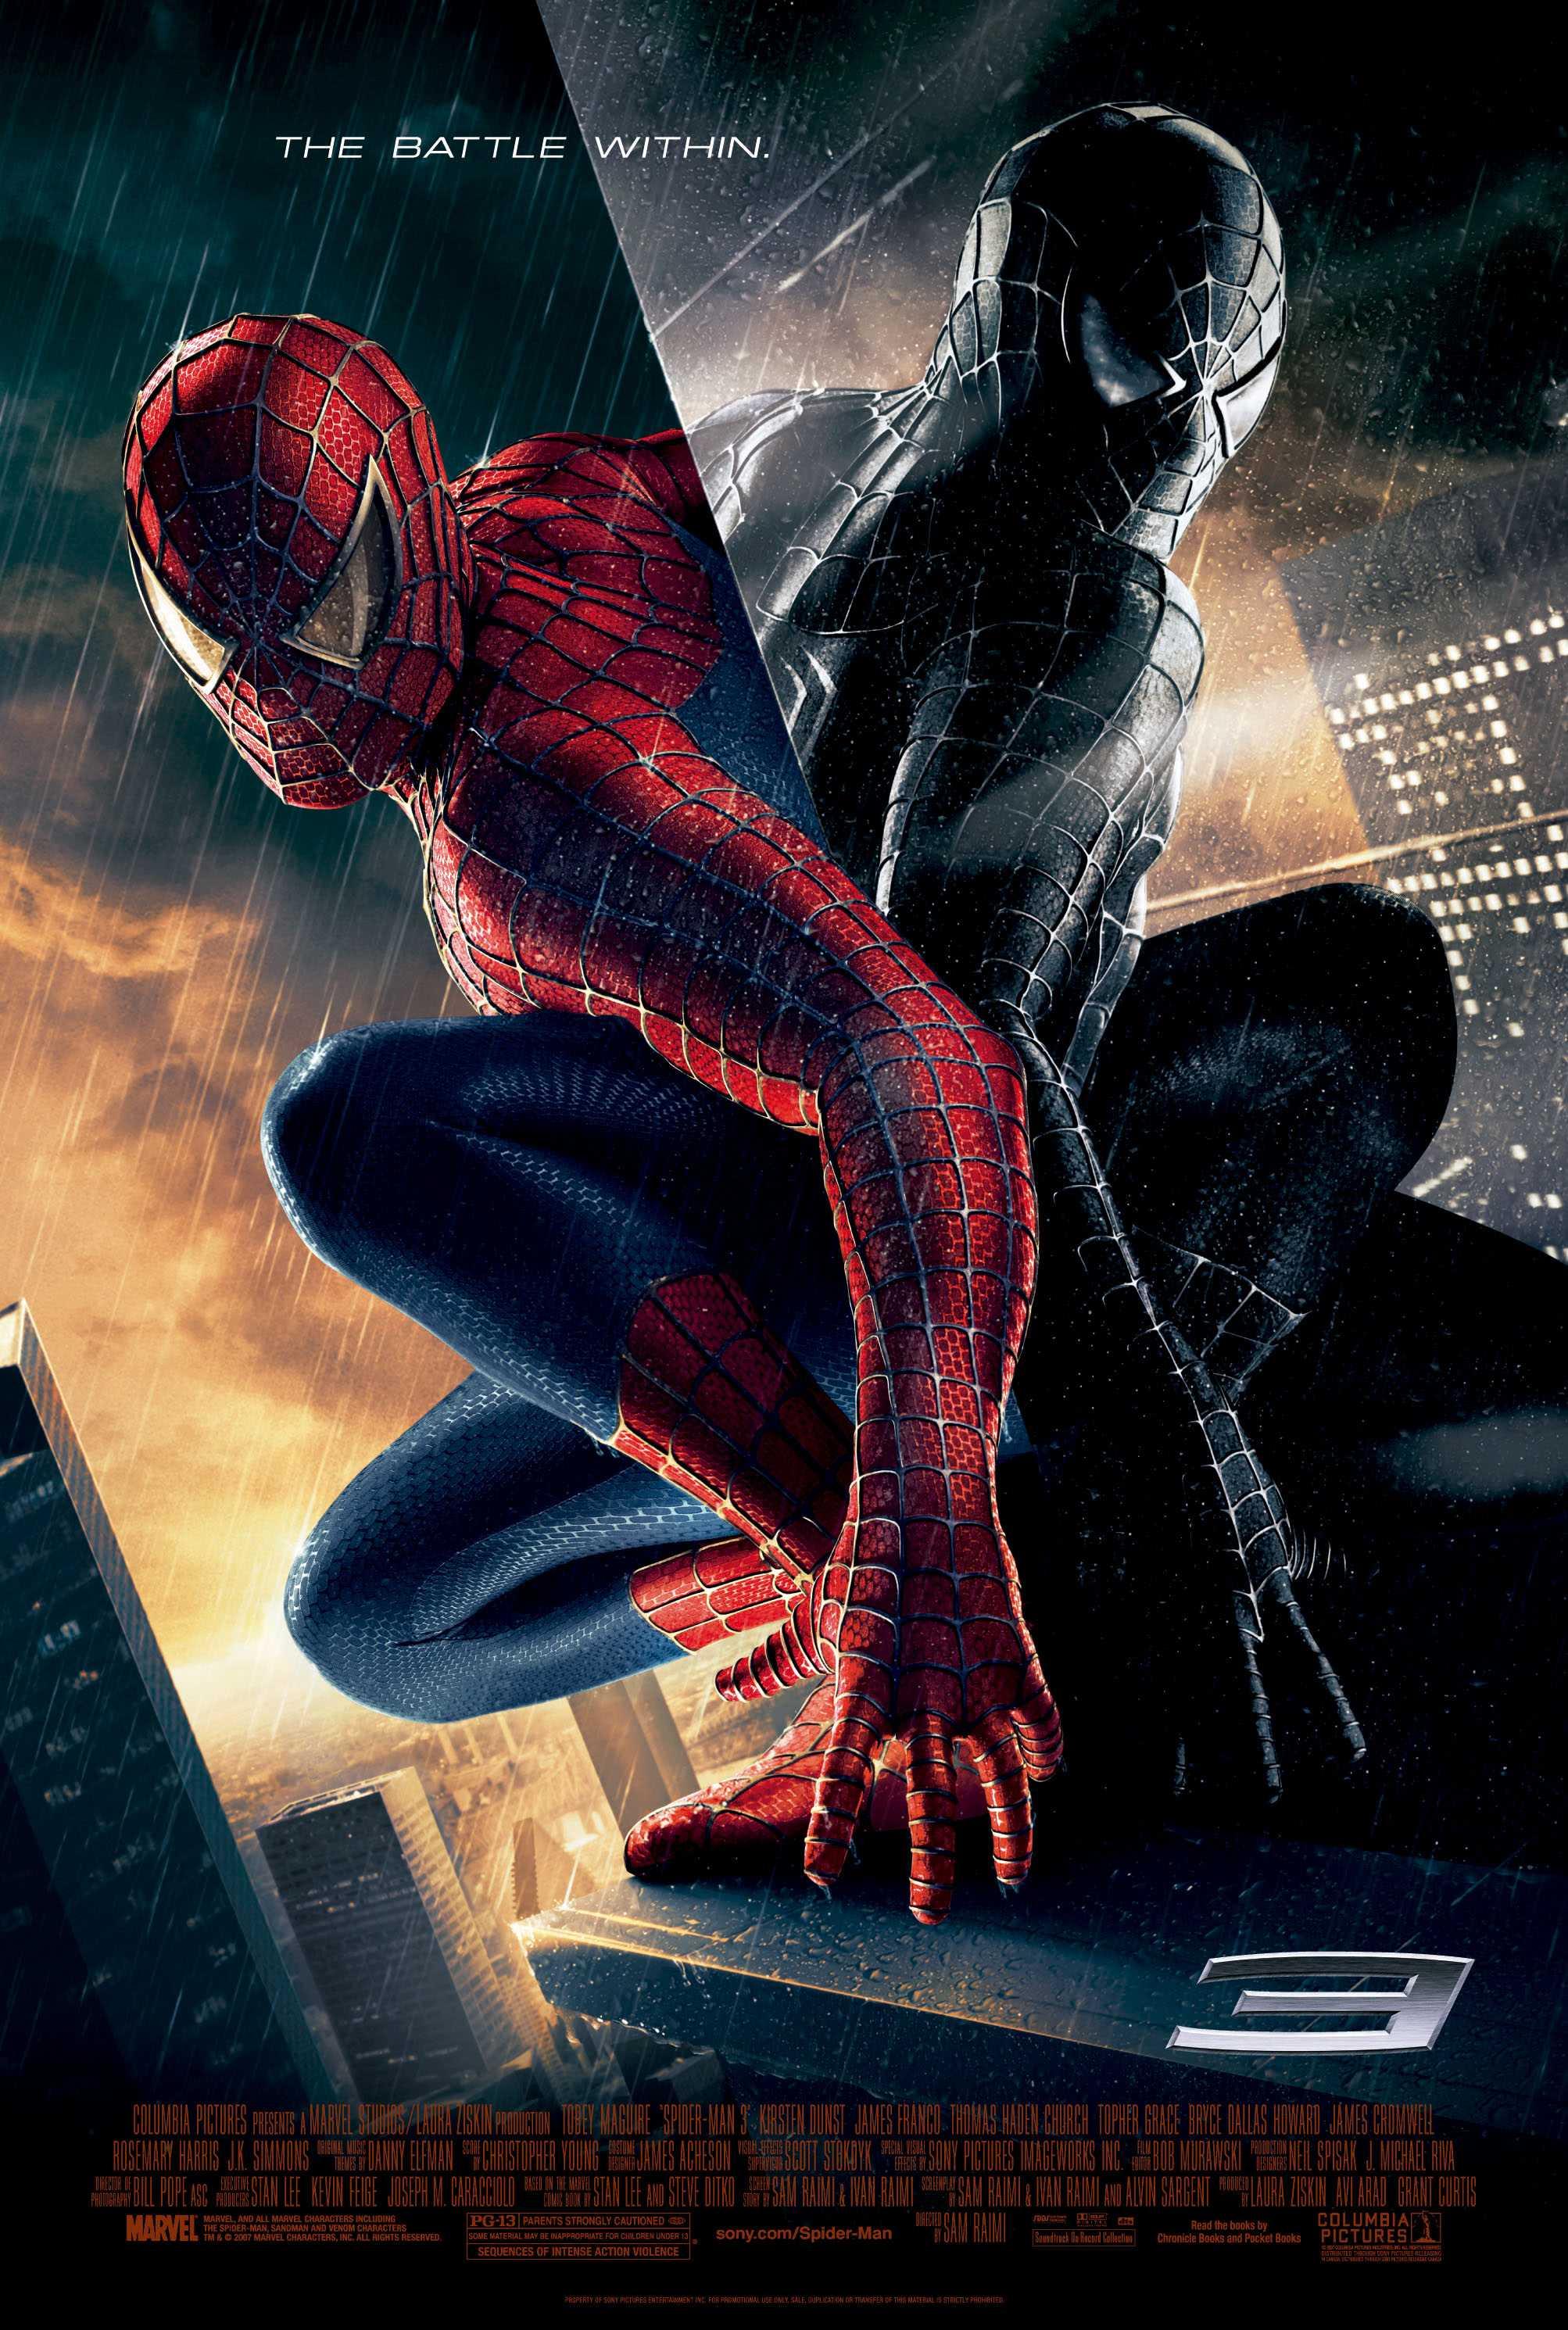 spider-man 3 | spider-man films wiki | fandom poweredwikia